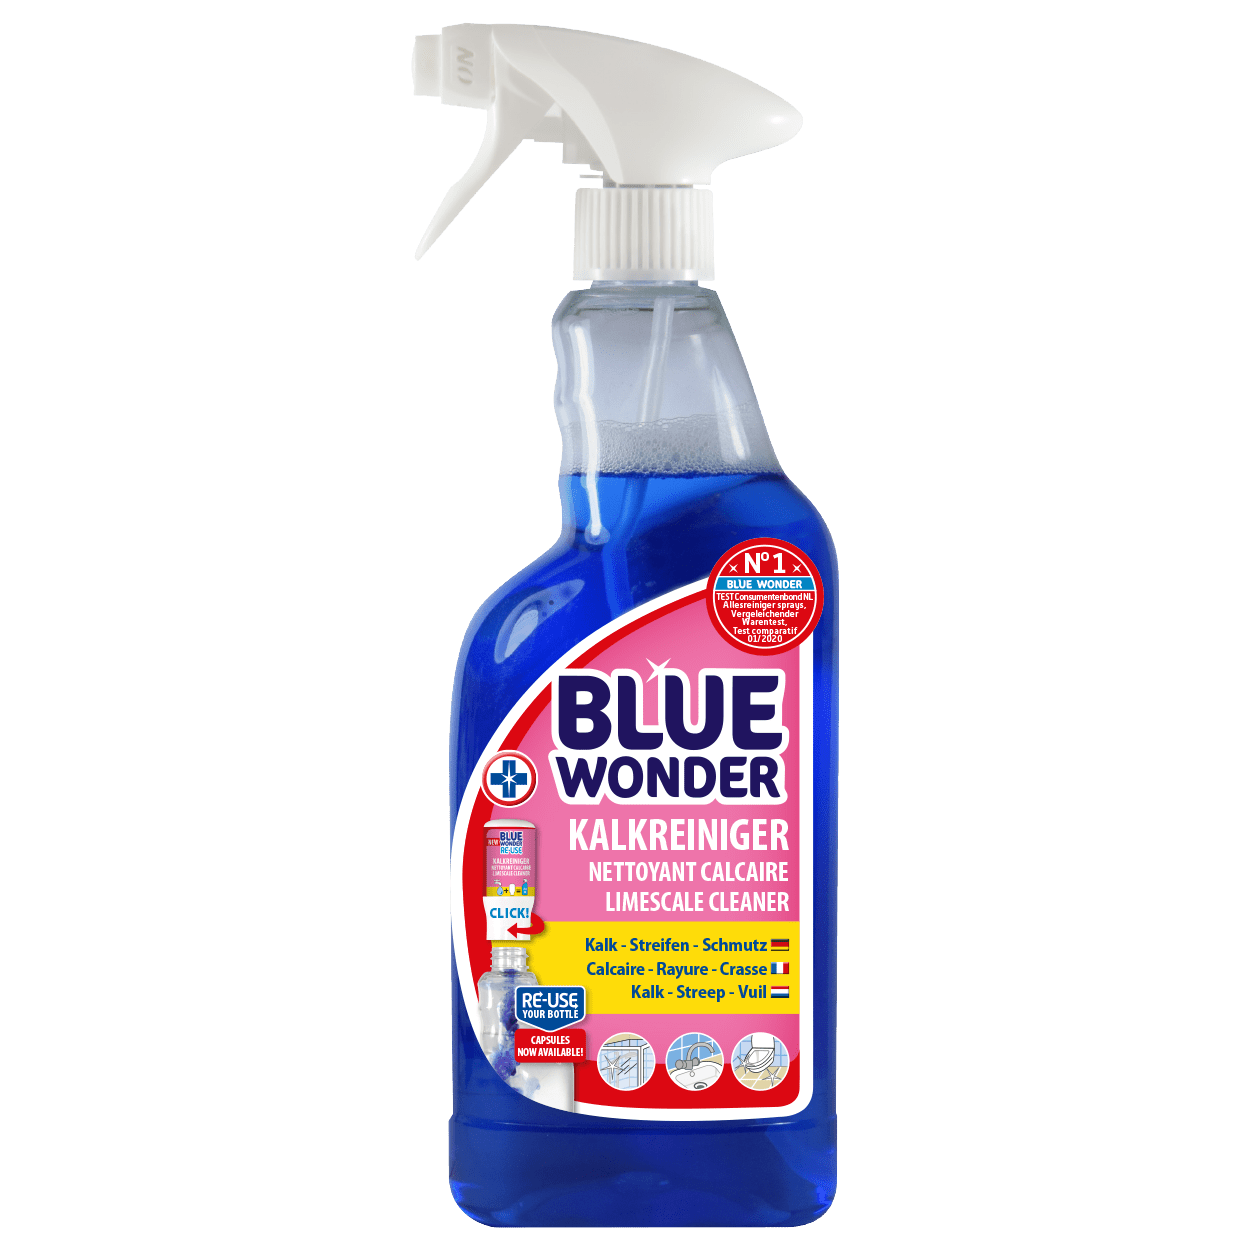 8712038000854_Blue-Wonder-International_Kalkreiniger-Spray_RE-USE_front